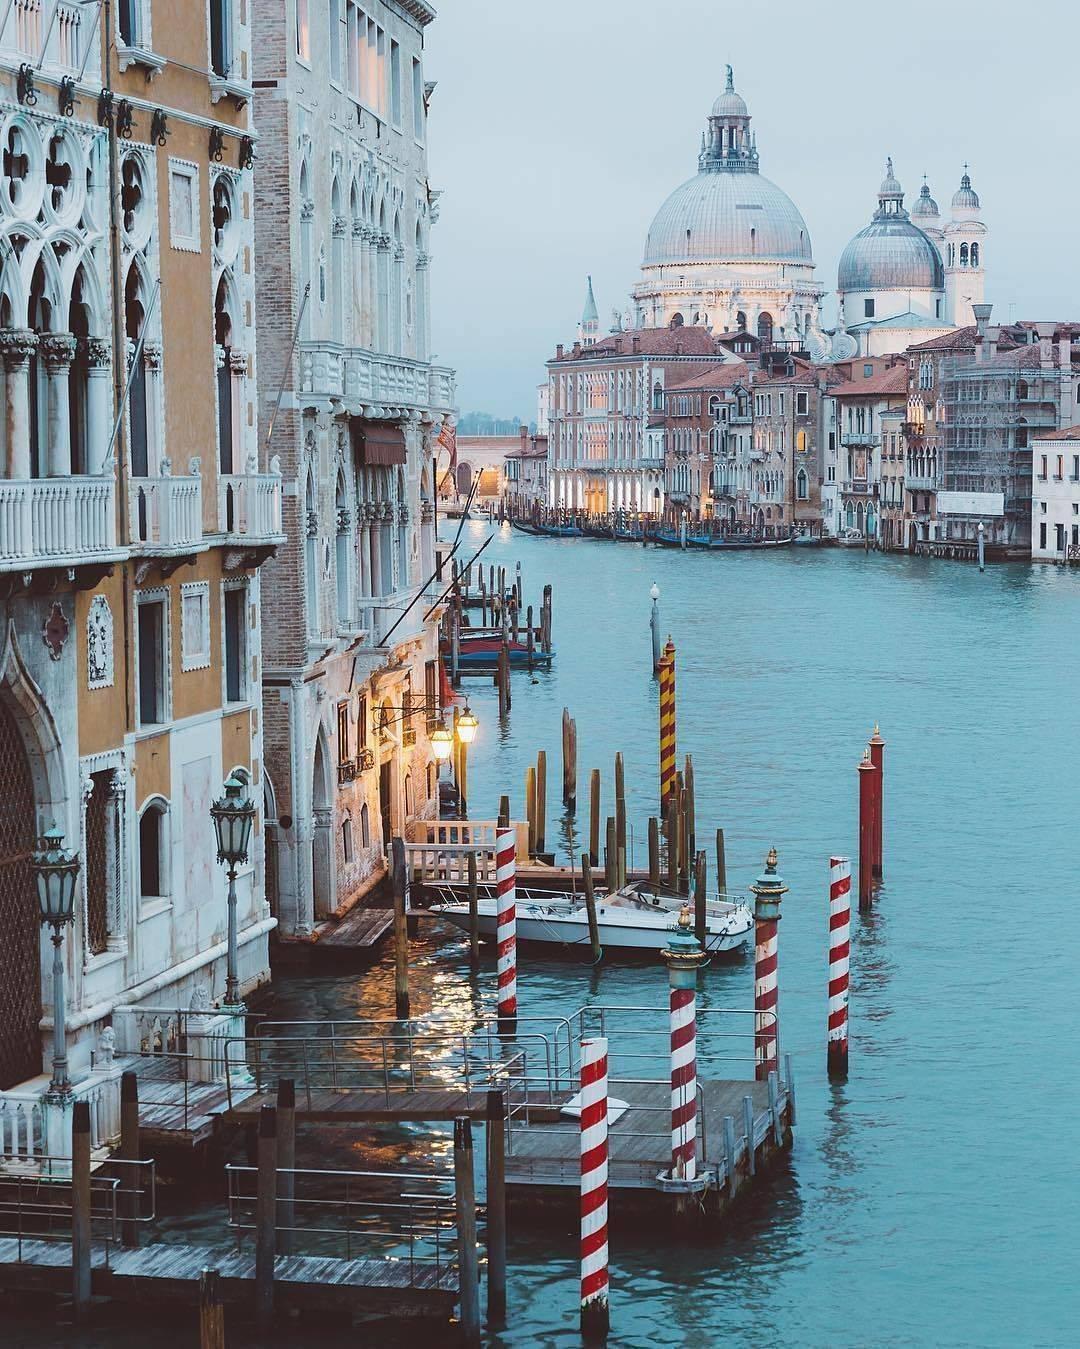 Путешествие по италии: как сэкономить на проезде и жилье